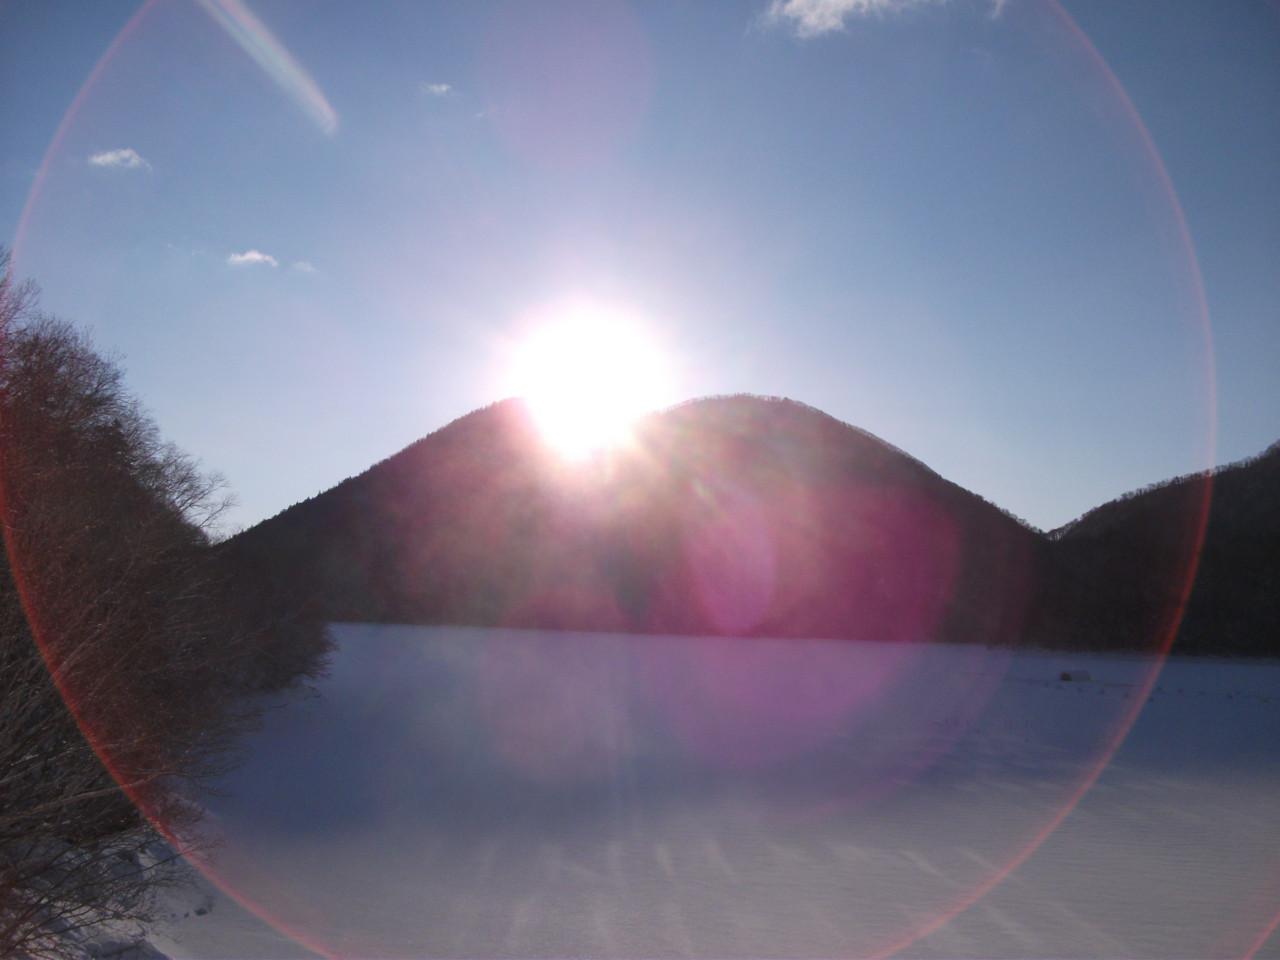 07:28 御来光オンザくちびる山